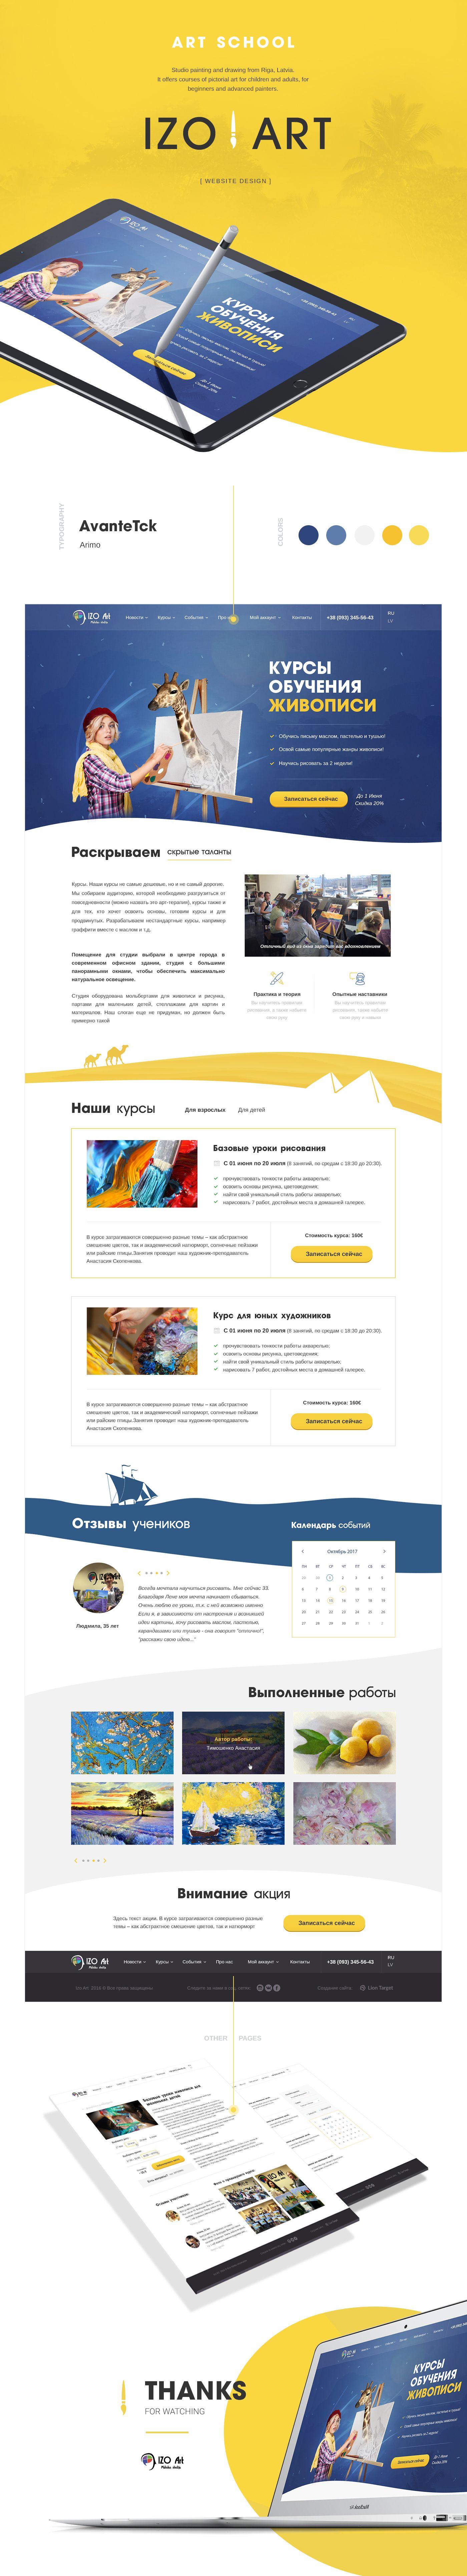 Izoart Interactive Design Web Graphic Design Web Design